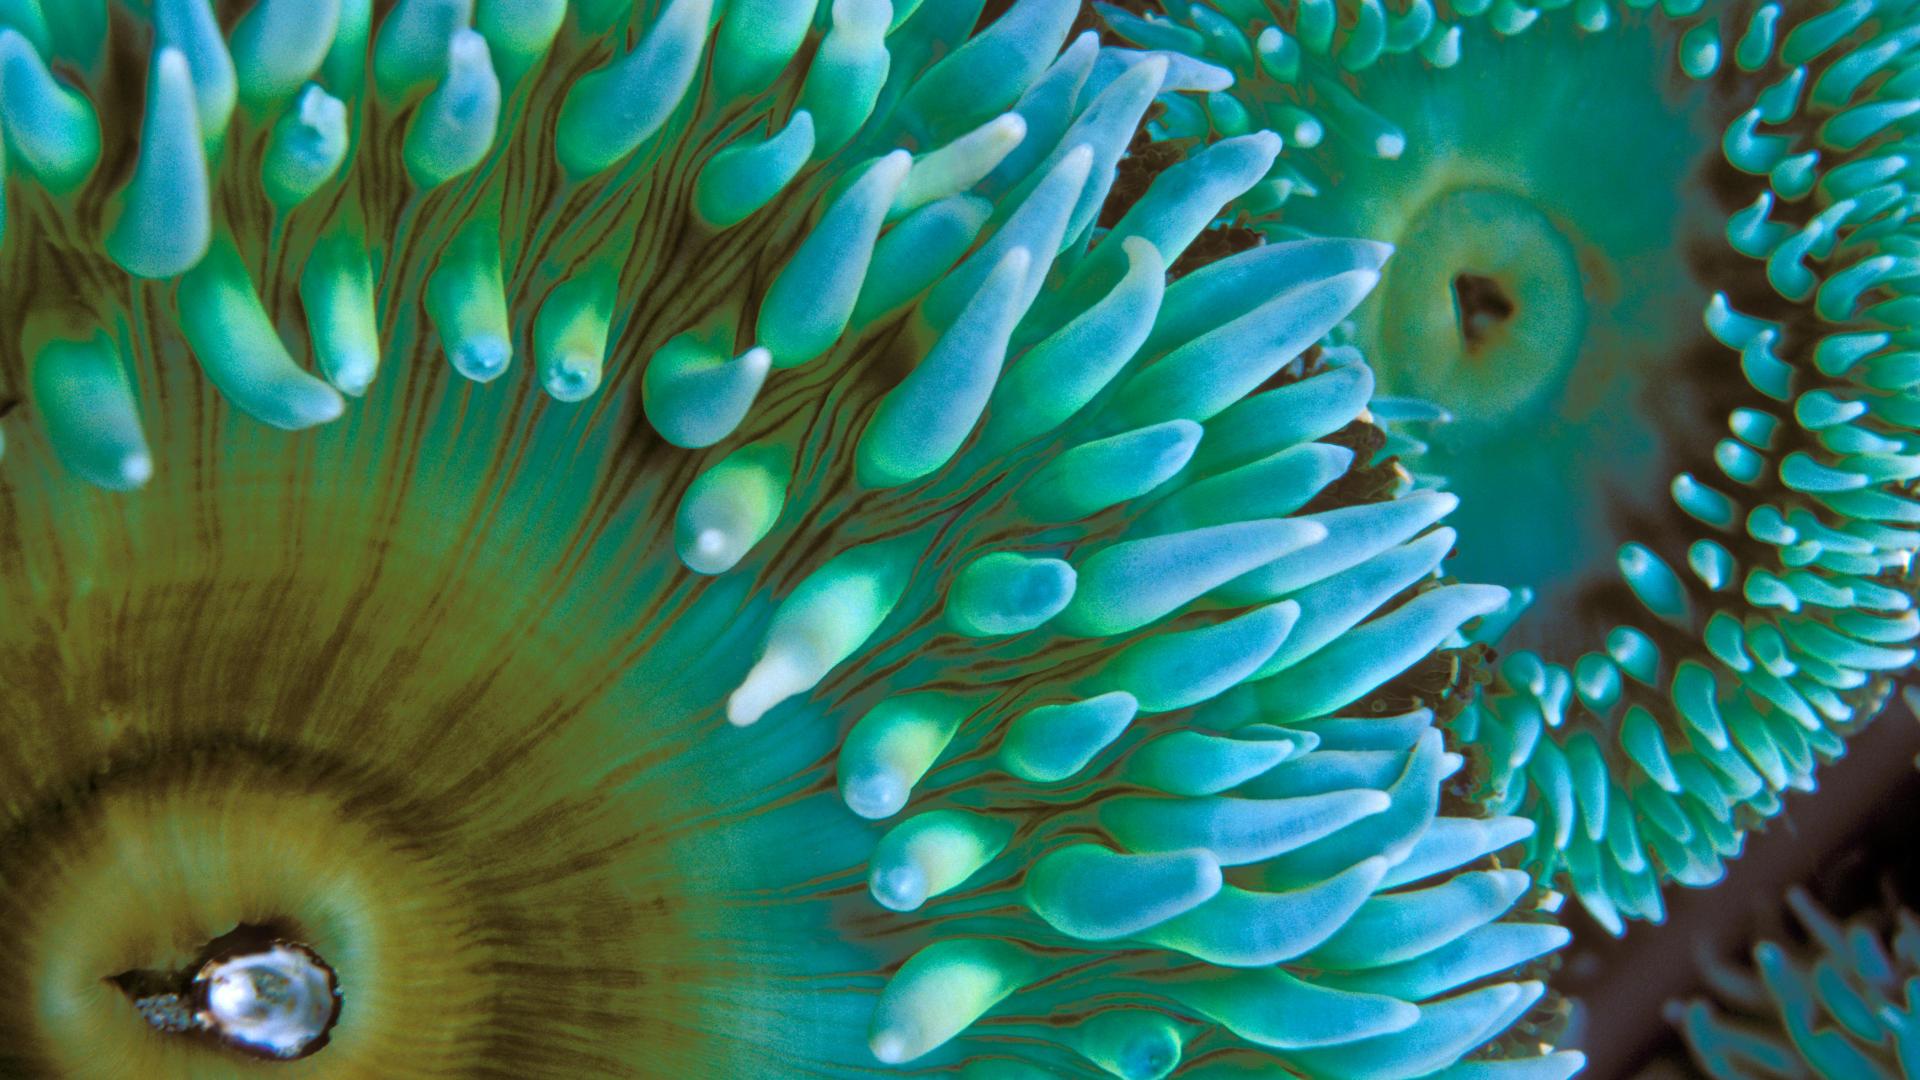 صور بحر خلفيات البحار والمياة بجودة HD (40)